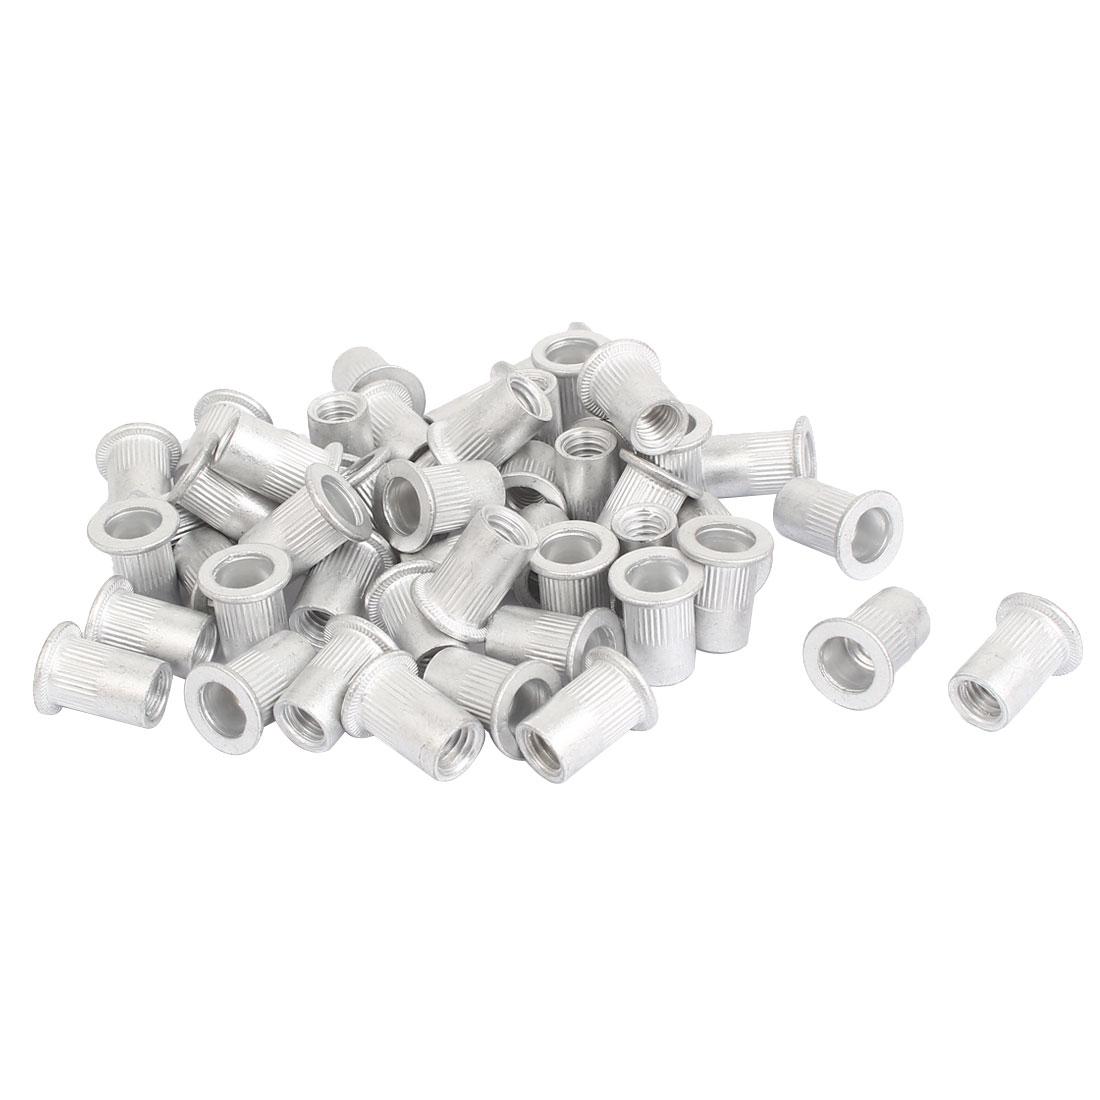 M8 Thread Aluminum Rivet Nut Insert Nutsert 50pcs